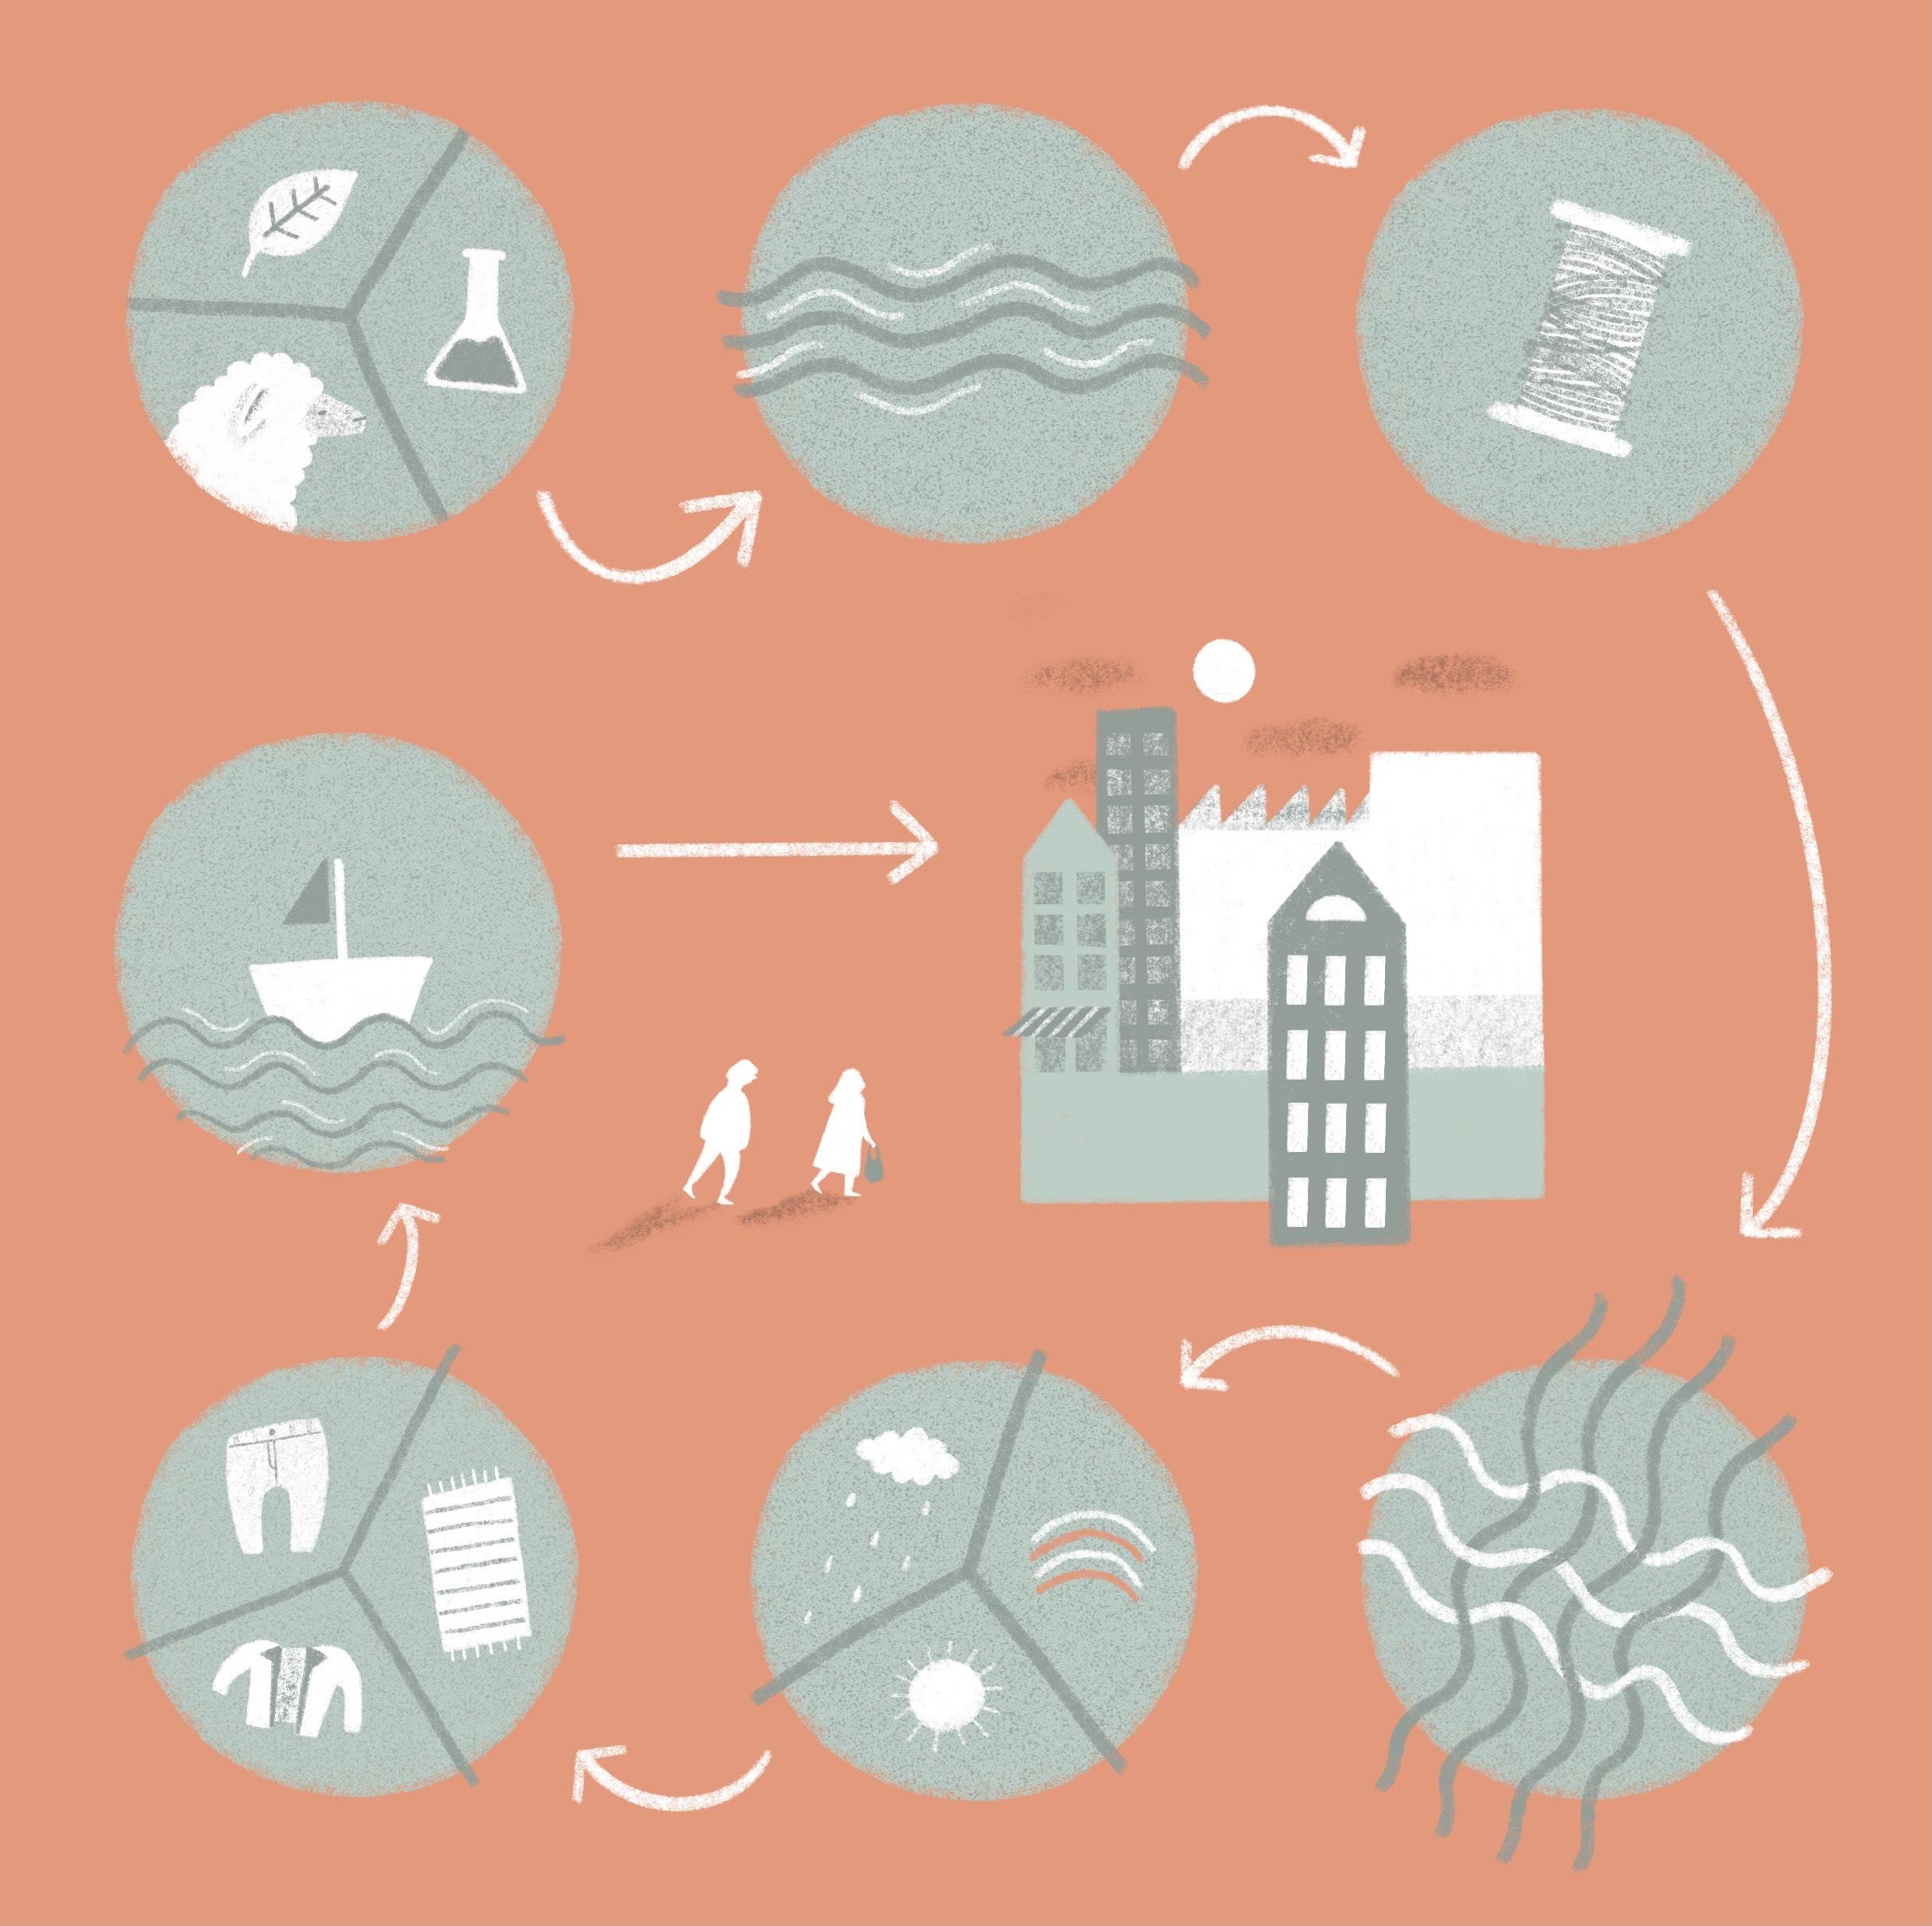 Der Kreislauf der Textilindustrie ist abgebildet: Anbau, Waschen, Garn, Weben, Veredeln, Konfektionieren und dann kommen die Klamotten auch schon in den Laden.